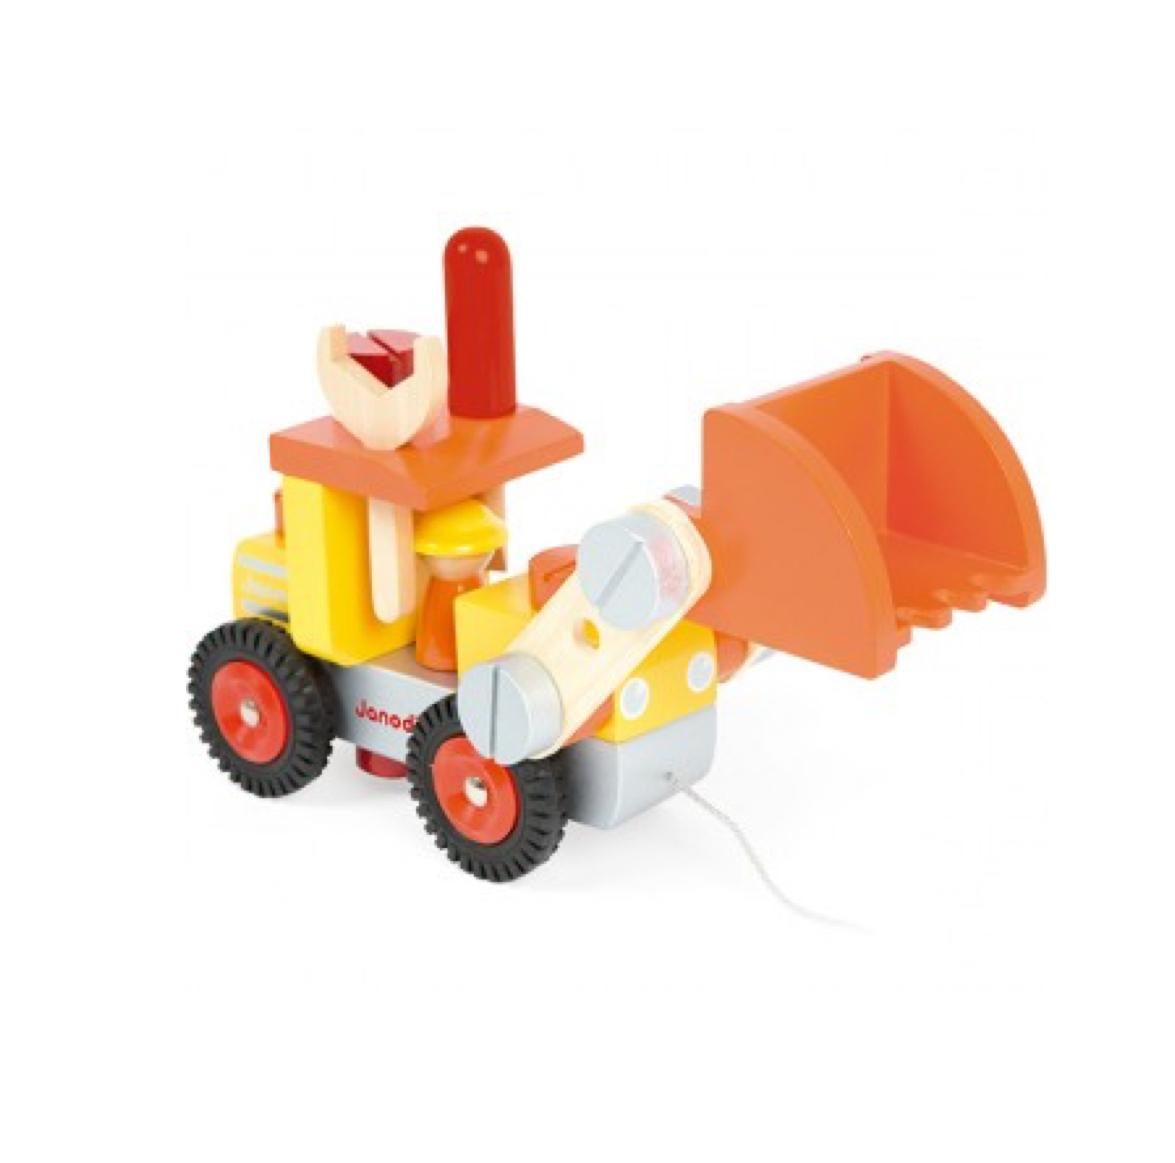 camion-bulldozer-de-janod-en-el-mundo-de-mico-2